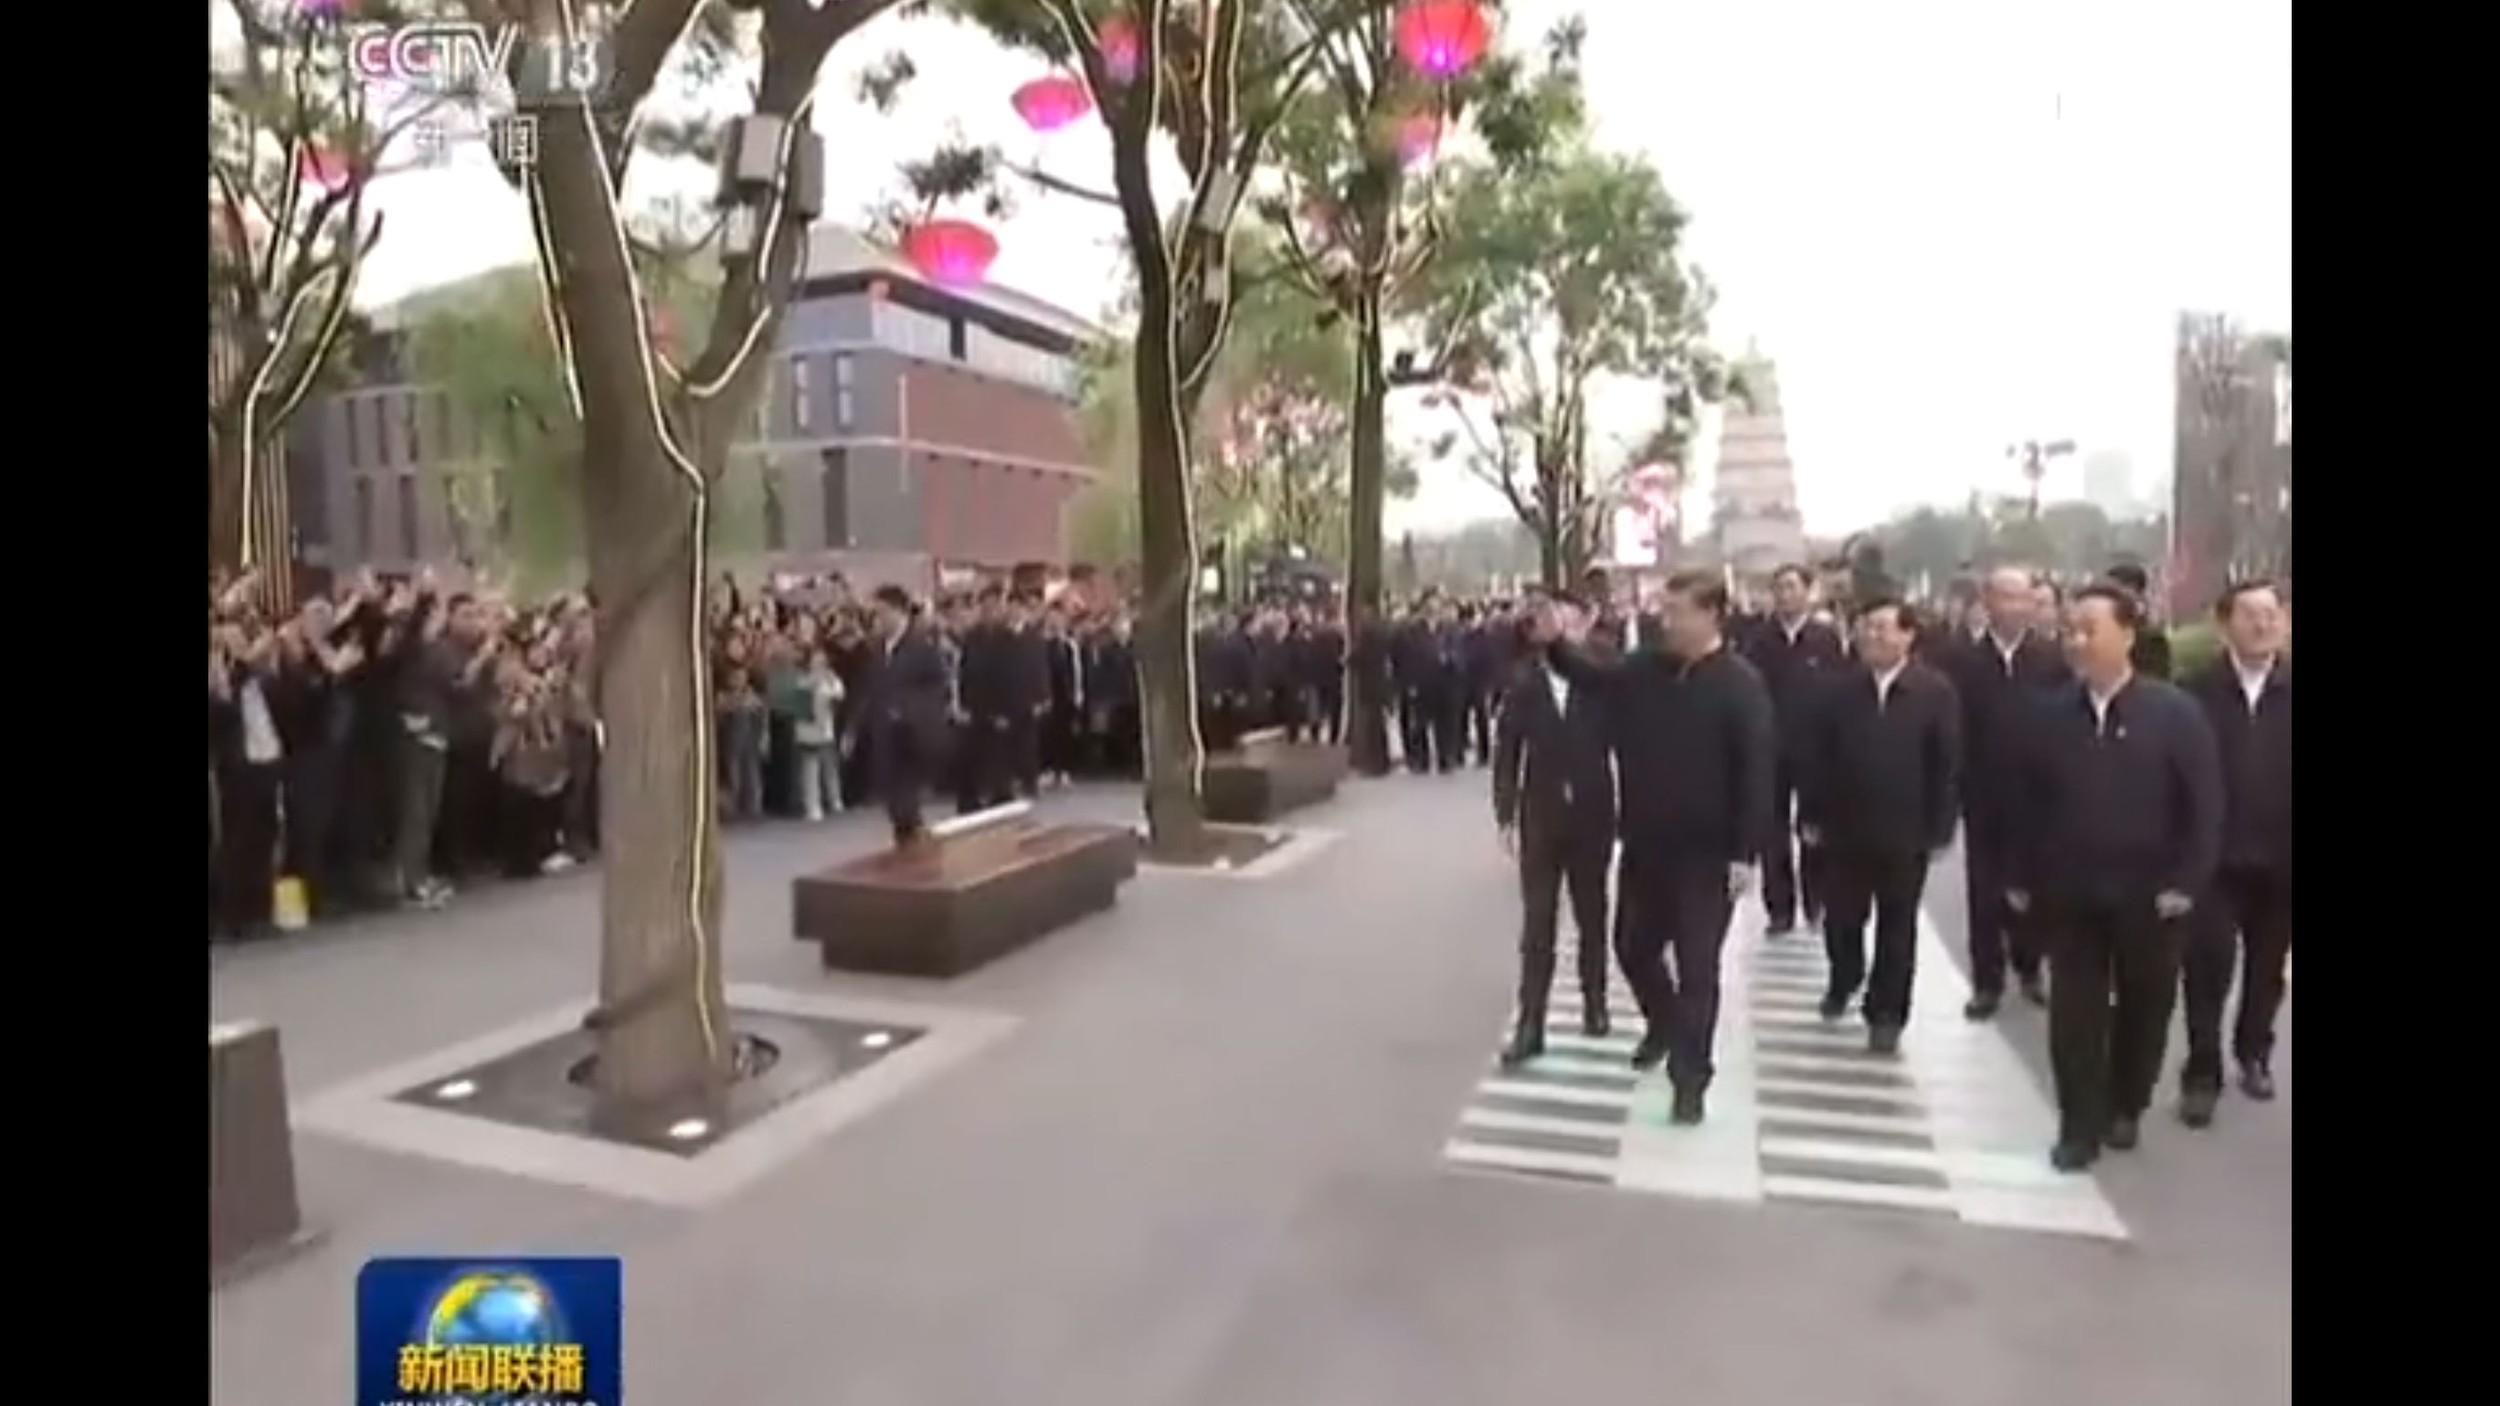 2020年4月20日至23日,习近平在陕西考察。(视频截图)